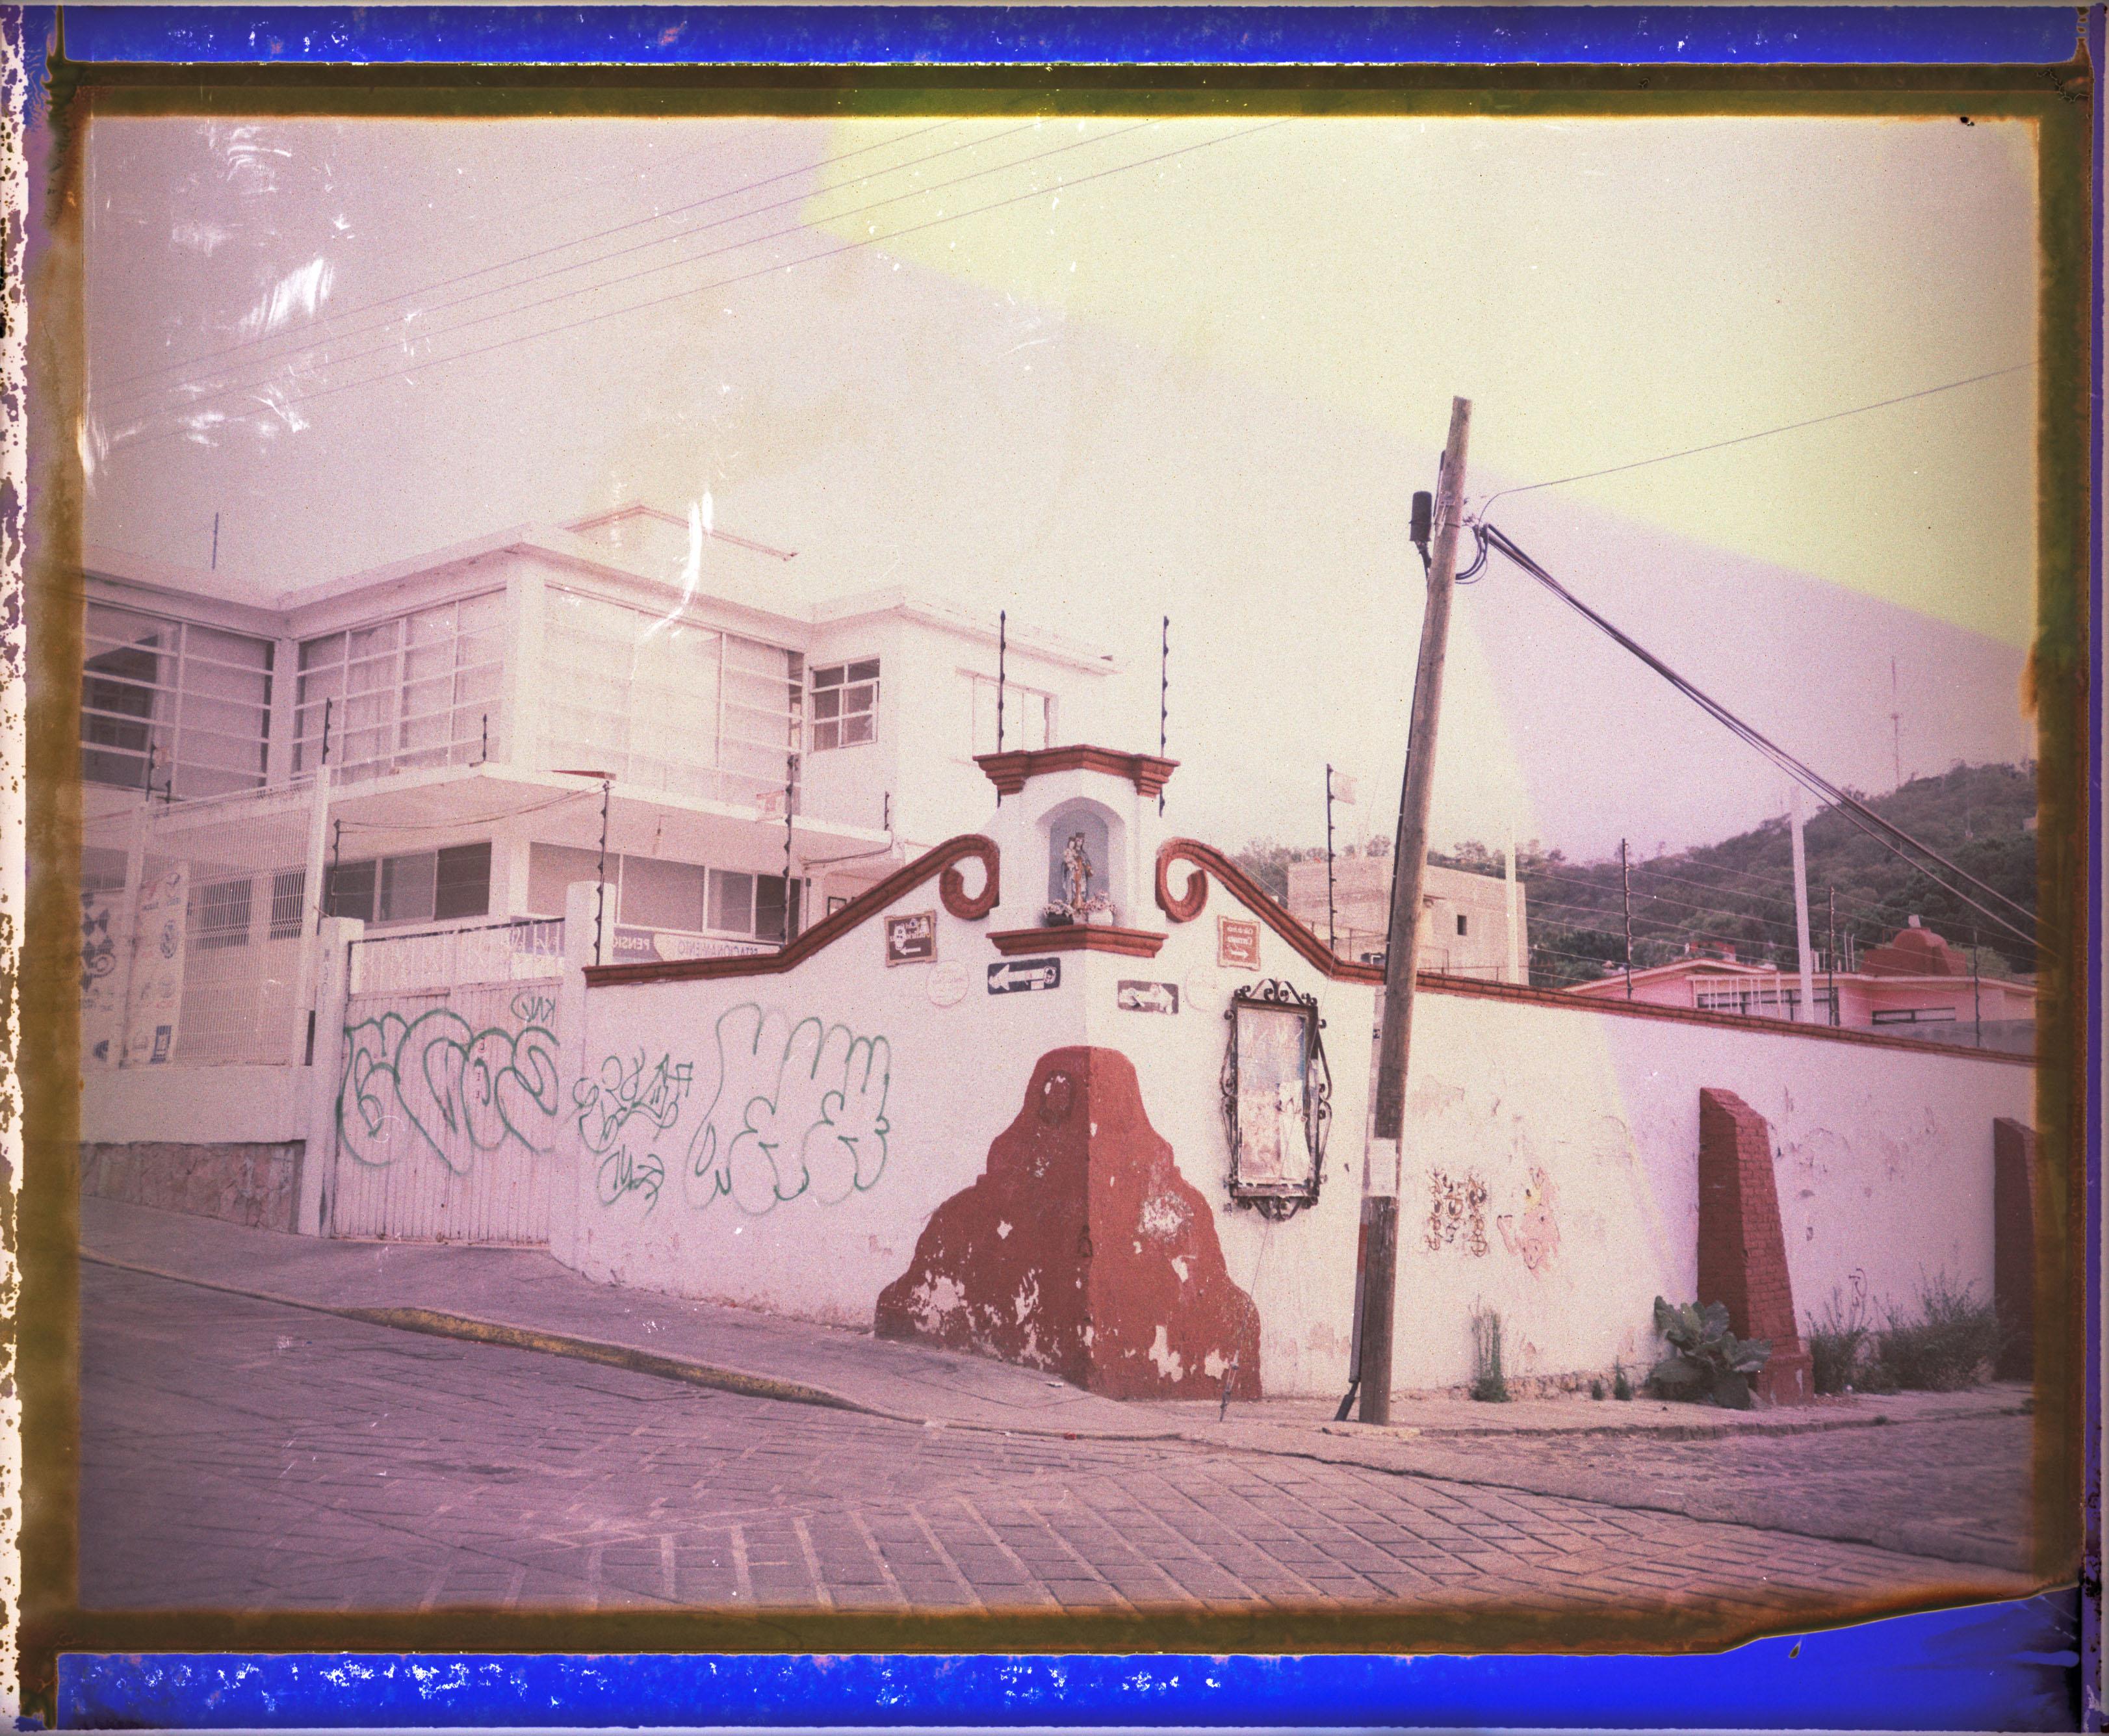 #004 Oaxaca